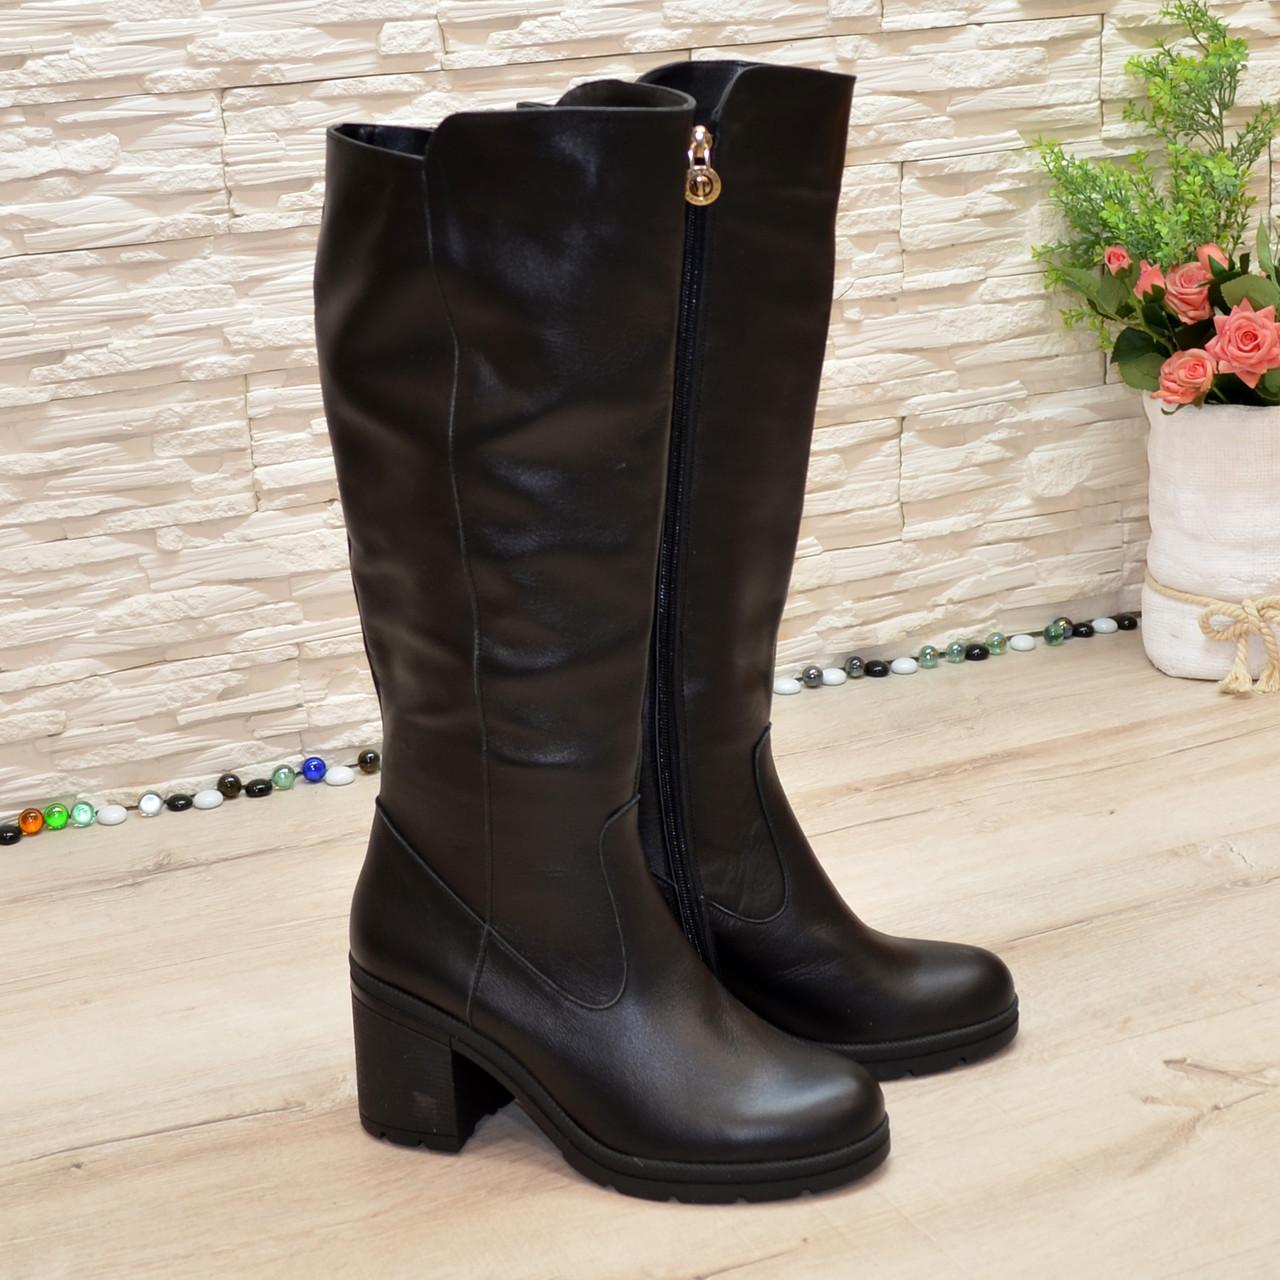 Женские кожаные демисезонные сапоги на устойчивом каблуке